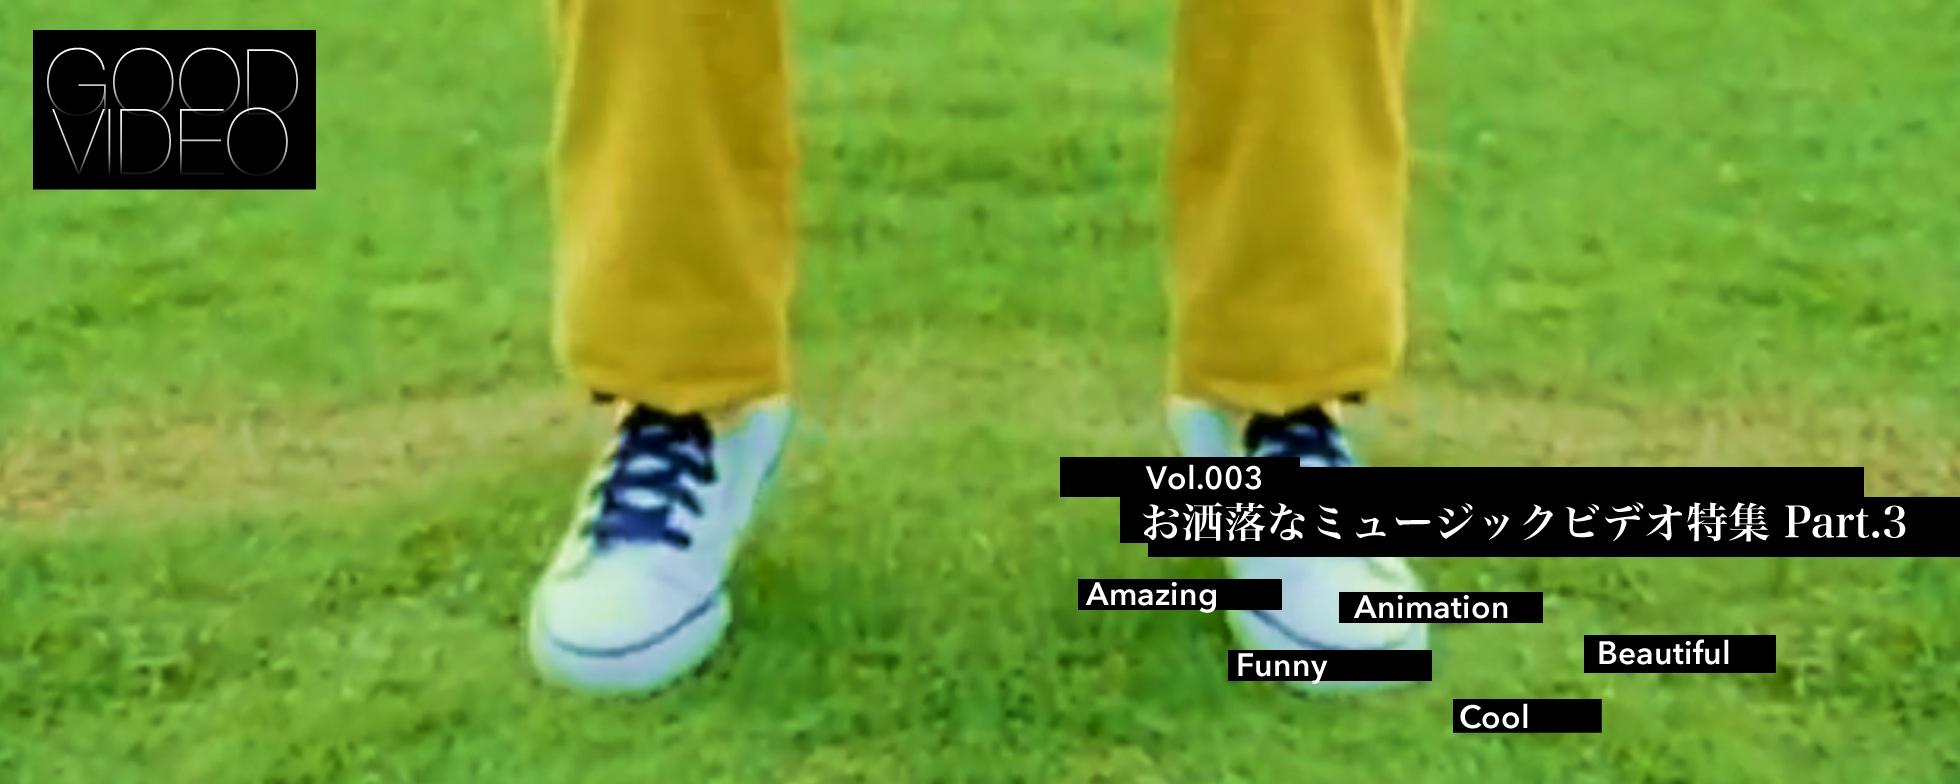 お洒落なミュージックビデオまとめ PT.3